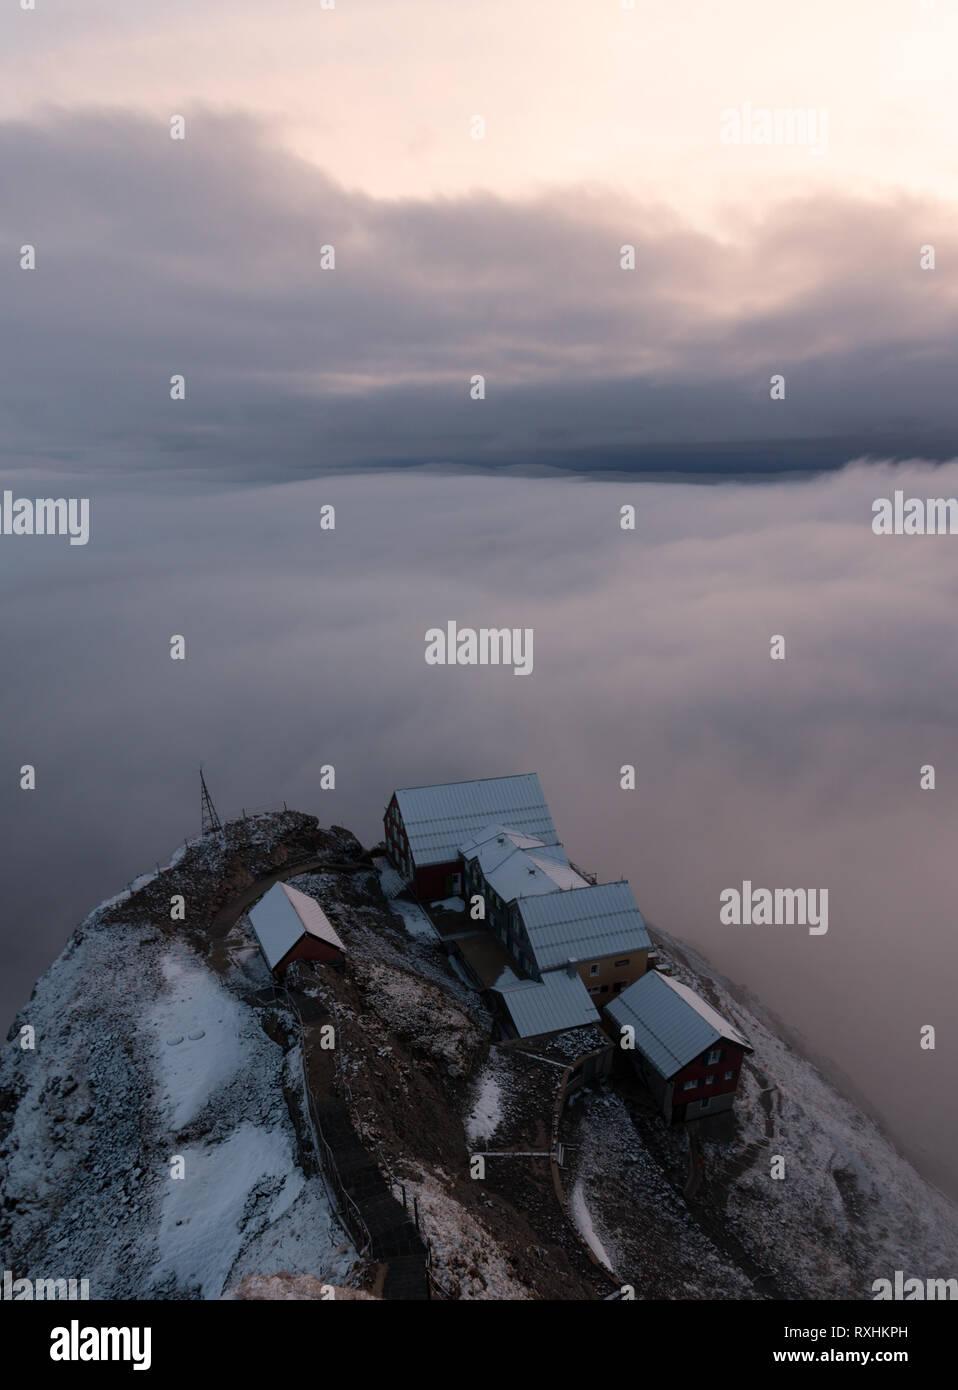 Die guesthous,, Alter Säntis in den schweizer Alpen bei einem nebligen, Nebel Sonnenaufgang. Stockbild